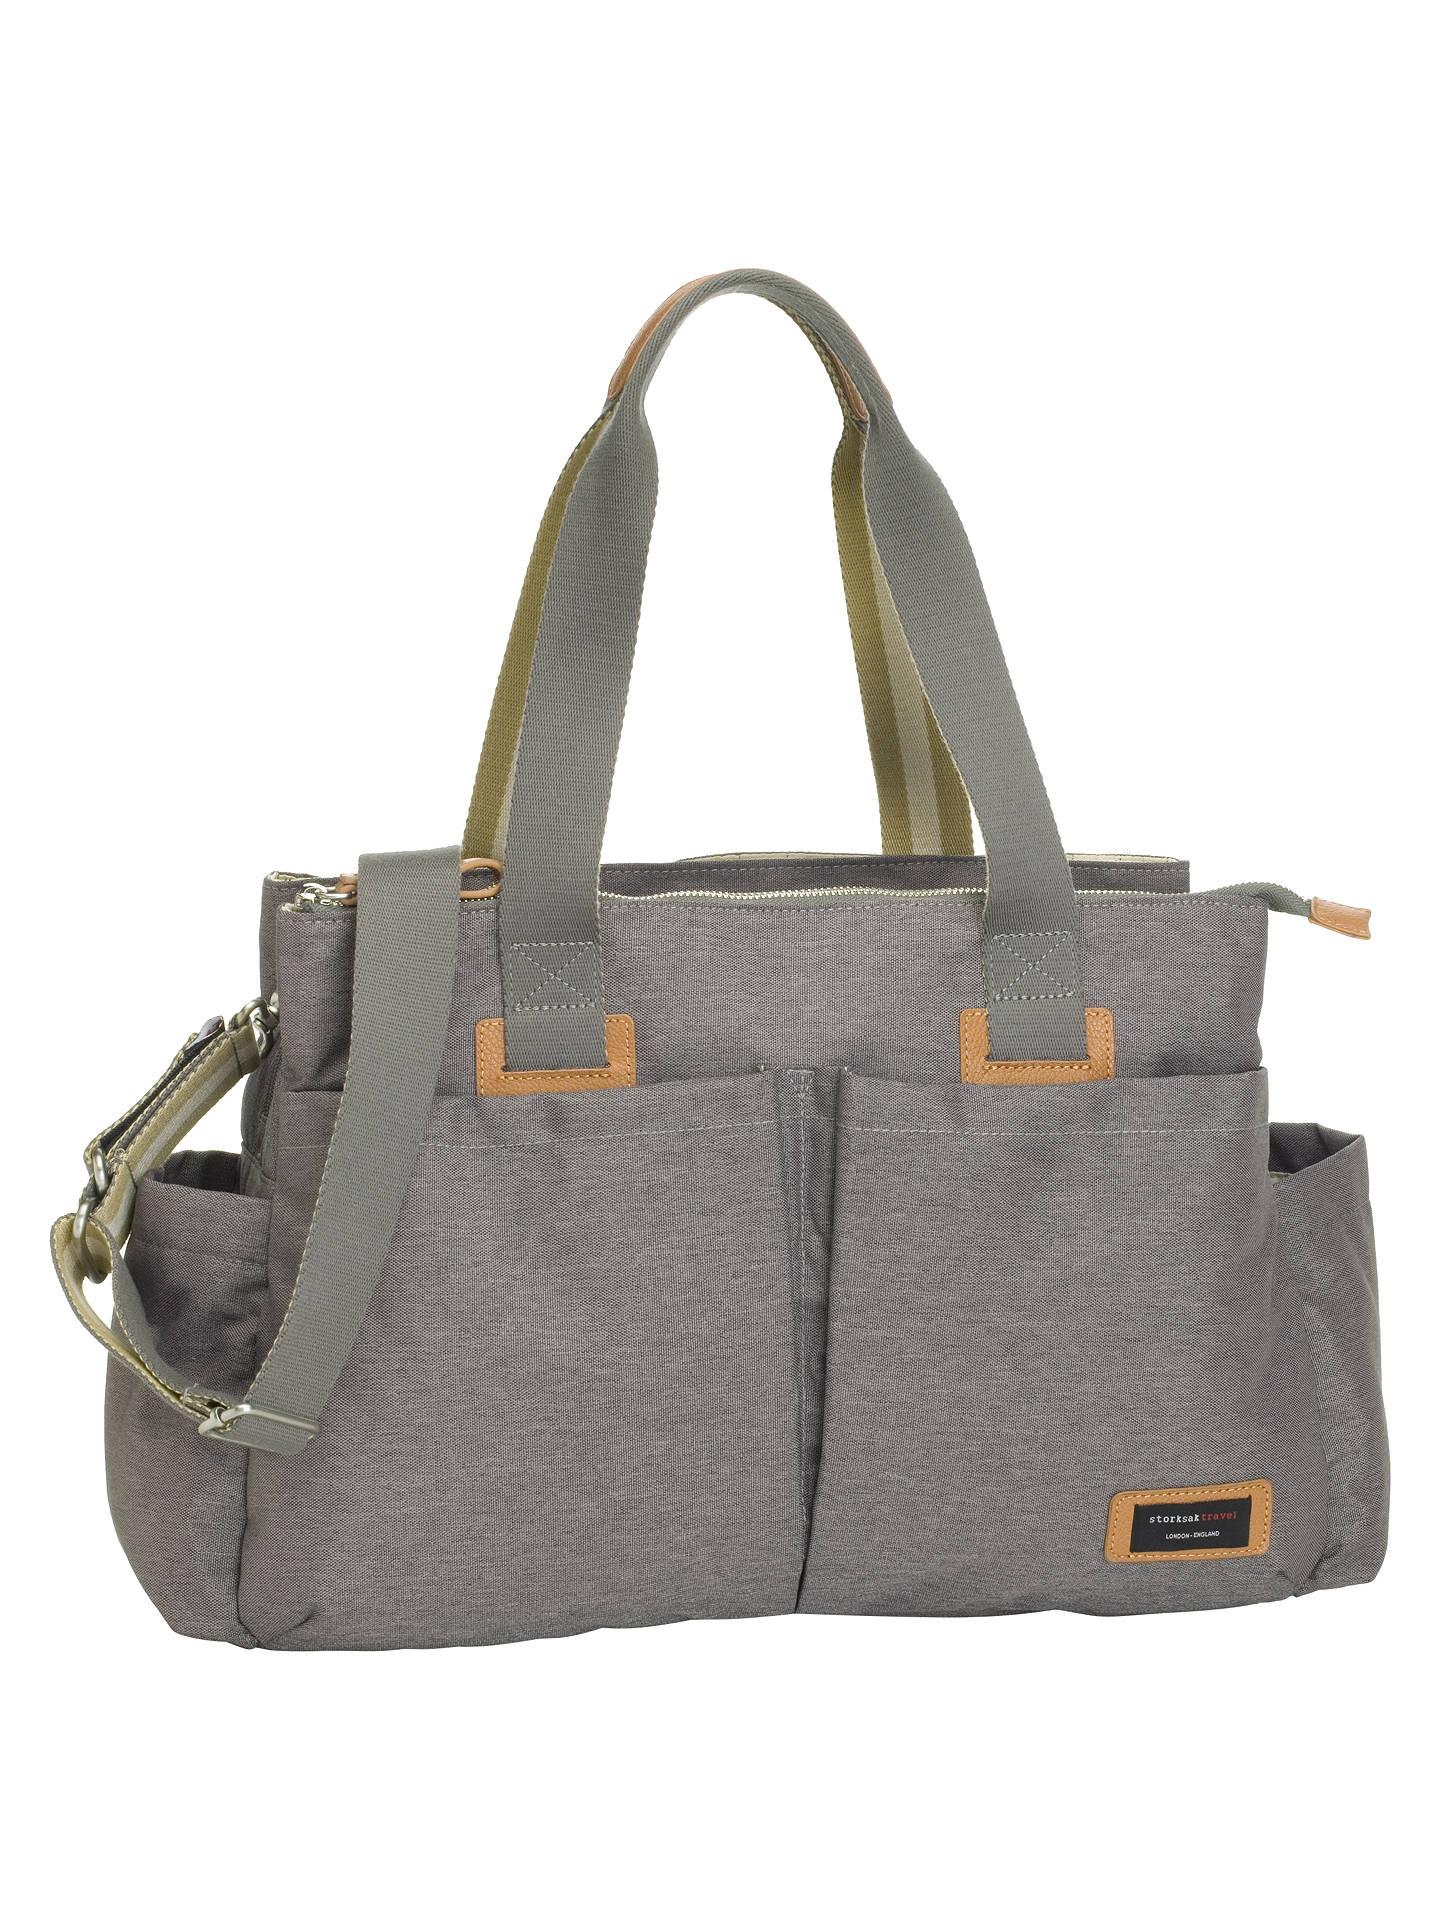 519740dcca Storksak Travel Shoulder Bag at John Lewis   Partners